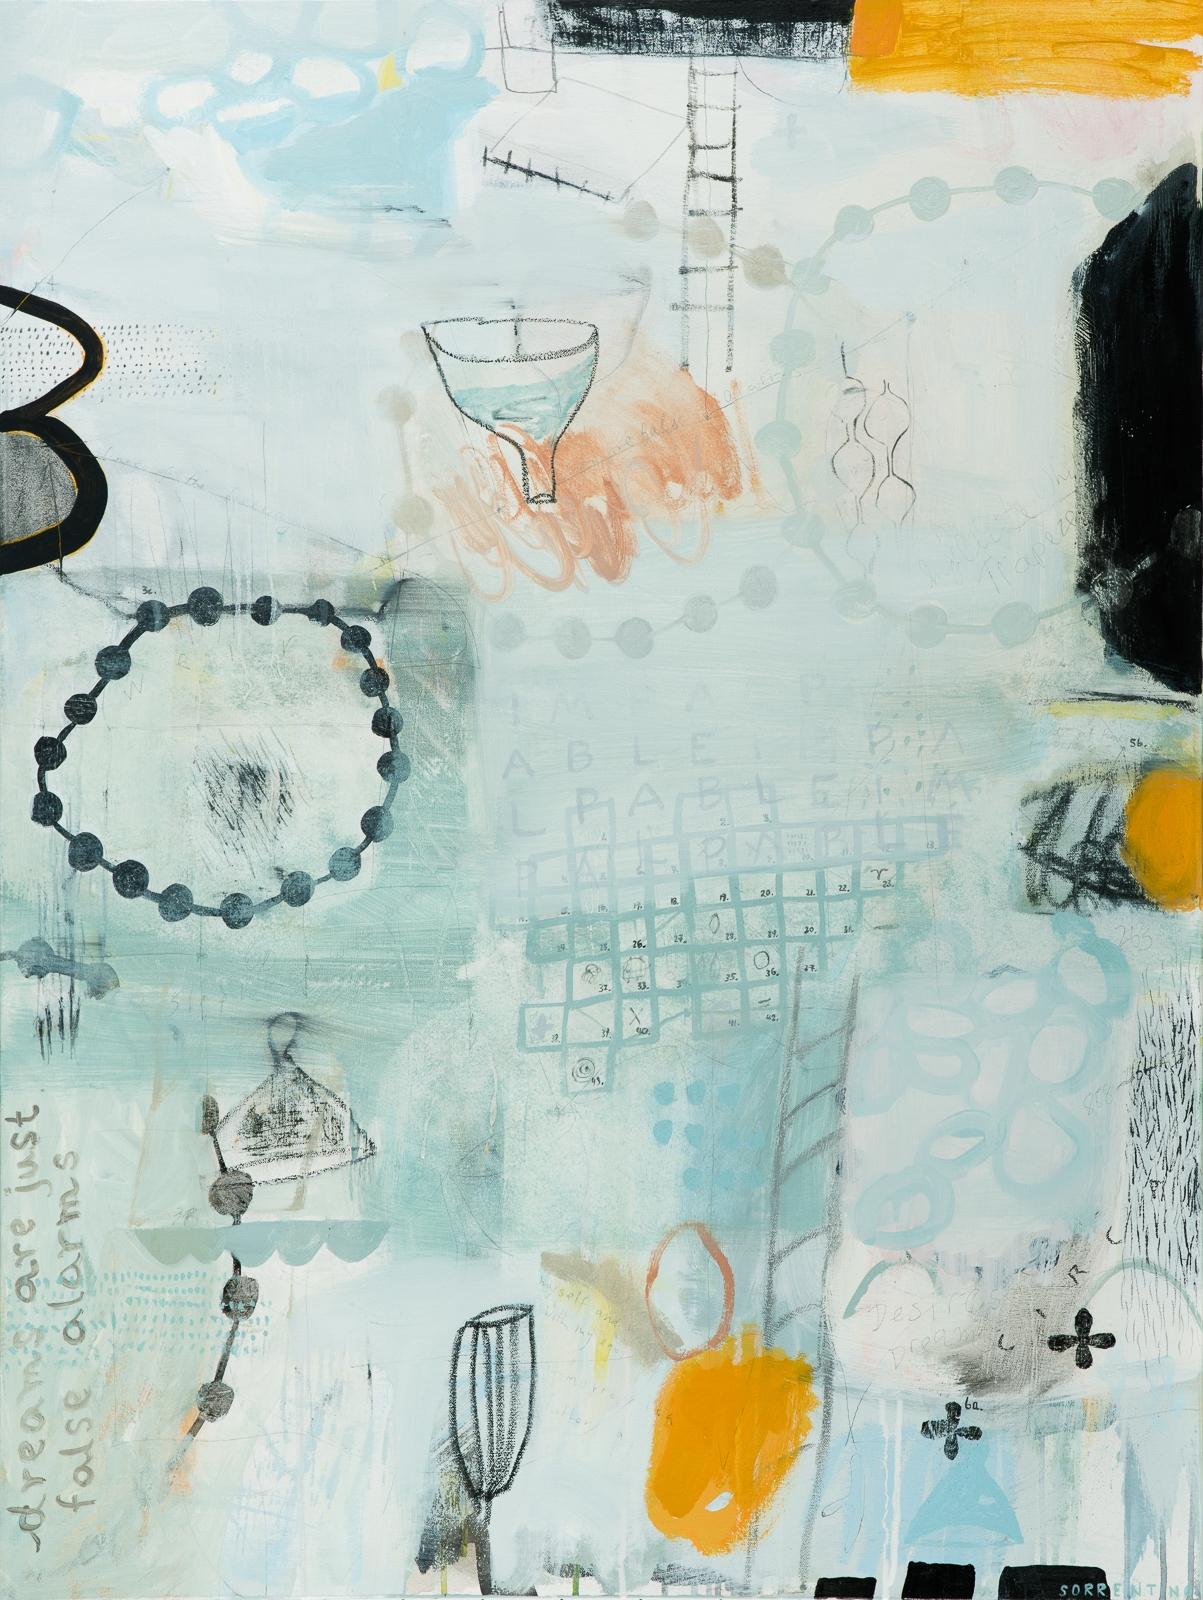 Impalpable by Michela Sorrentino